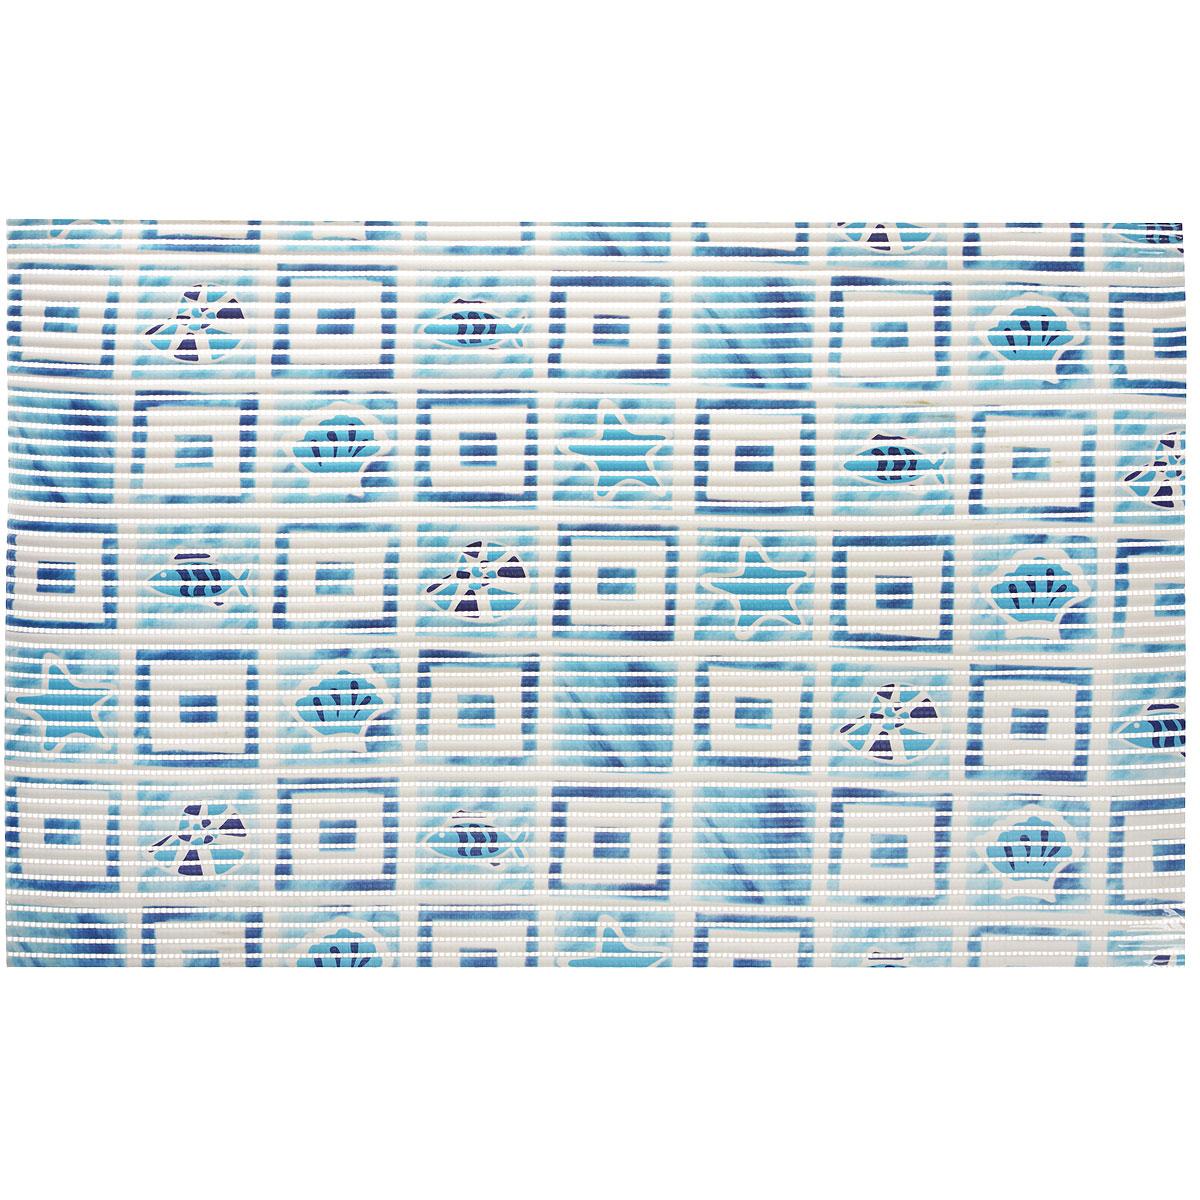 Коврик для ванной Fresh Code Flexy, цвет: голубой, 50 х 80 см56292_голубойКоврик для ванной Fresh Code Flexy изготовлен из вспененного ПВХ. Он абсолютно гигиеничен, не вызывает аллергию и полностью исключают образование плесени и сырости. Отличается высокой прочностью, обладает теплоизолирующими свойствами и противоскользящим эффектом. Размер коврика: 50 см х 80 см.